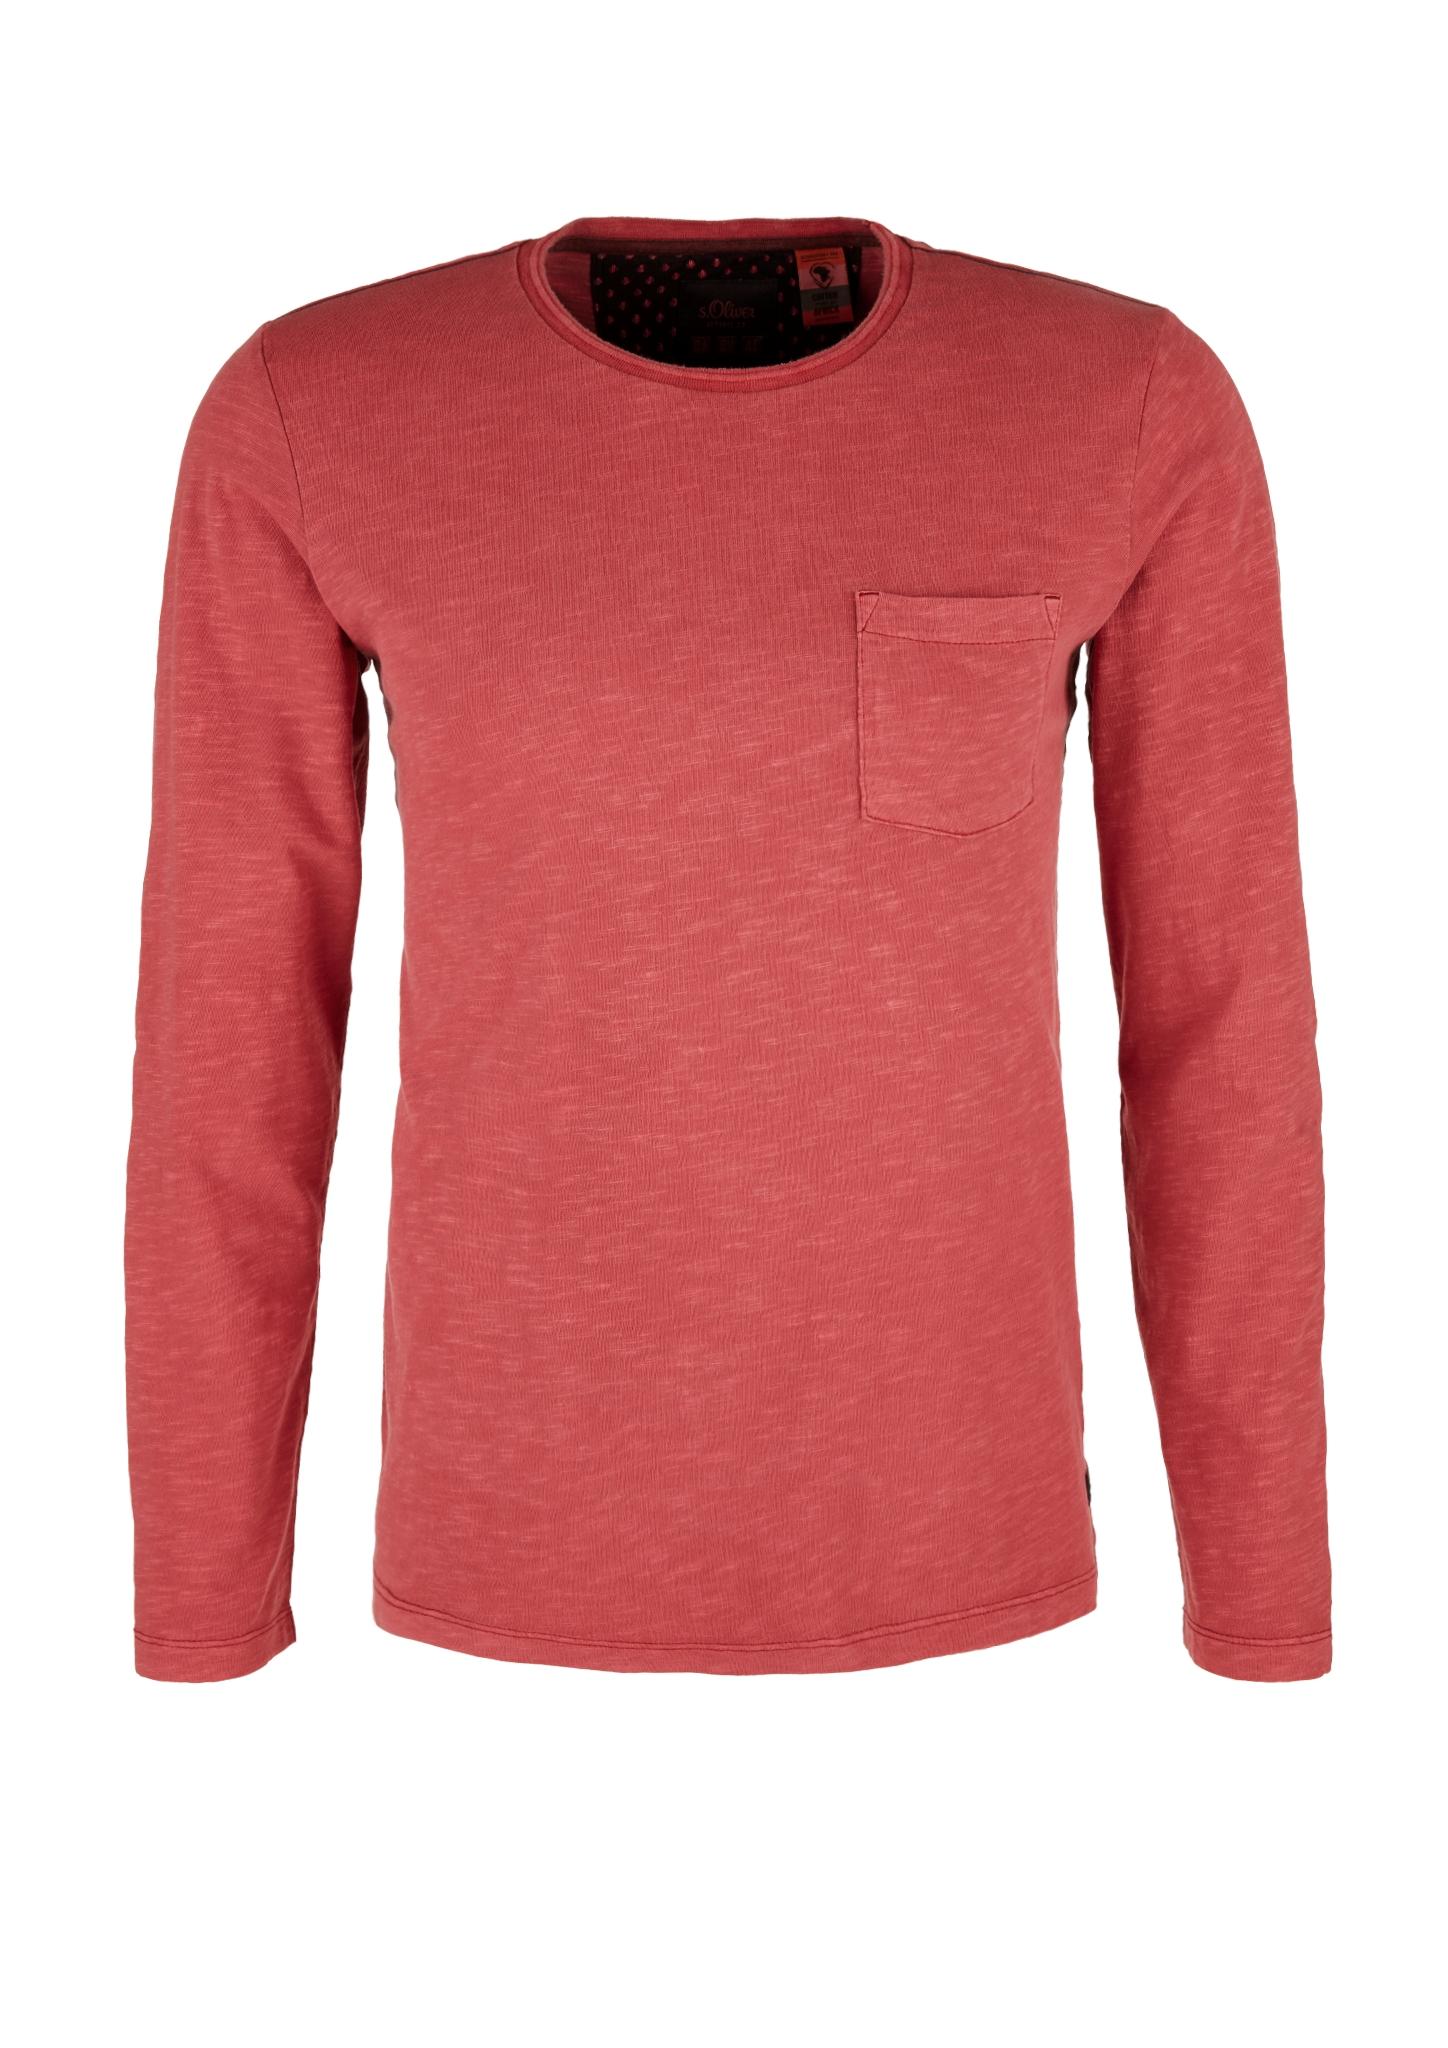 Langarmshirt | Bekleidung > Shirts > Langarm Shirts | Rot | 100% baumwolle | s.Oliver